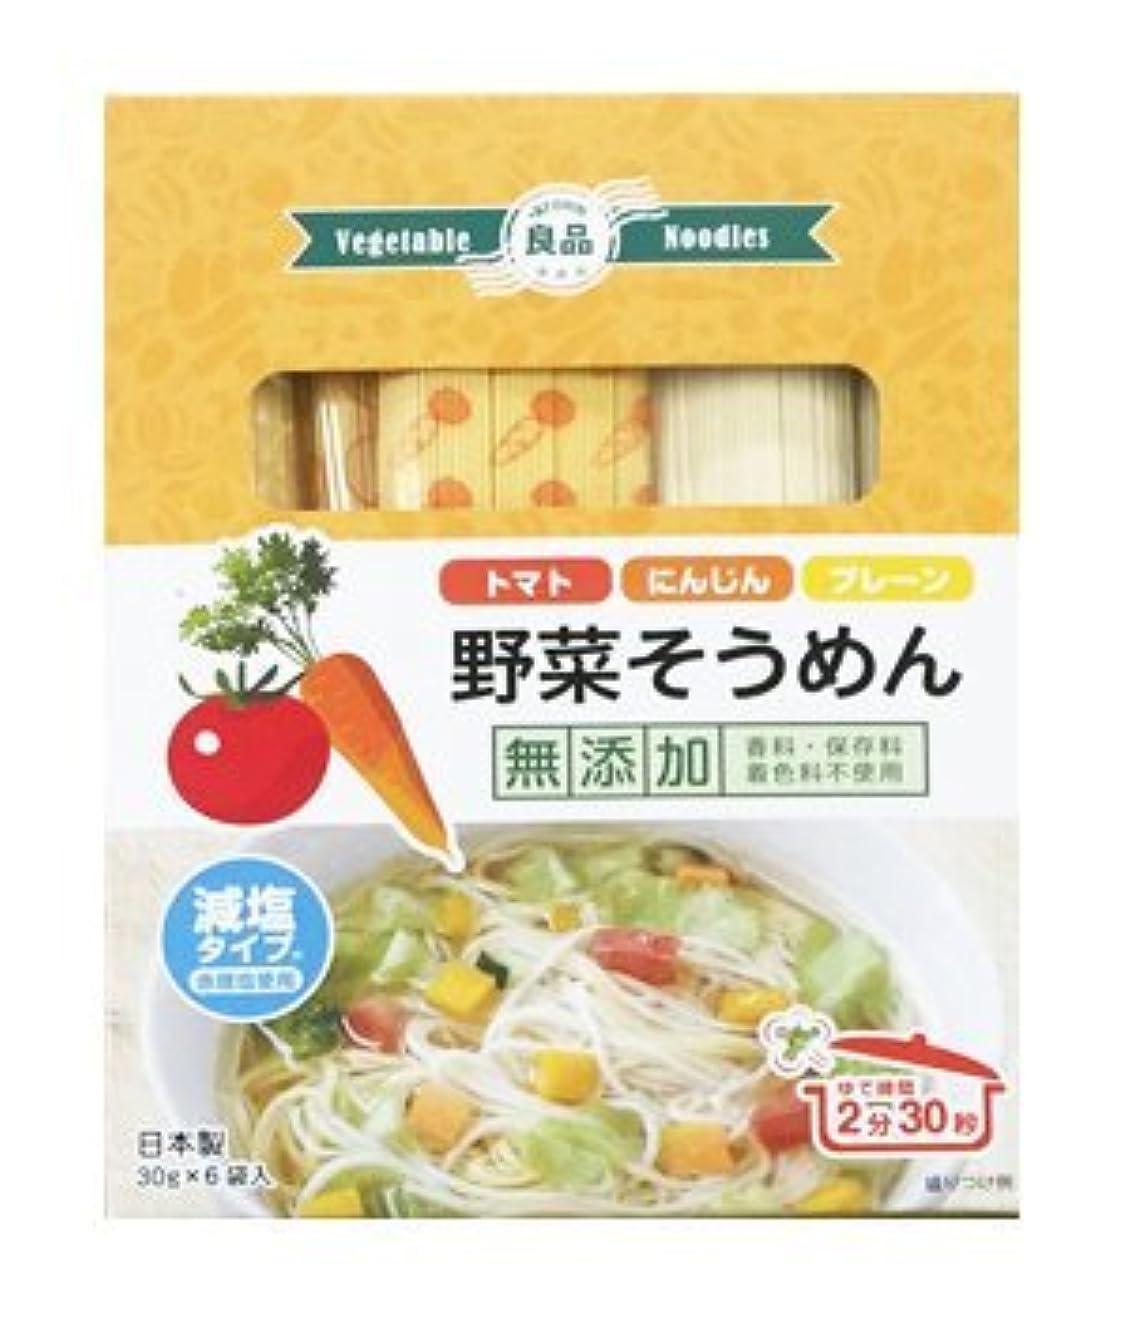 軍行き当たりばったり嫌がる良品 野菜そうめん(トマト?にんじん?プレーン) 30g×6袋入